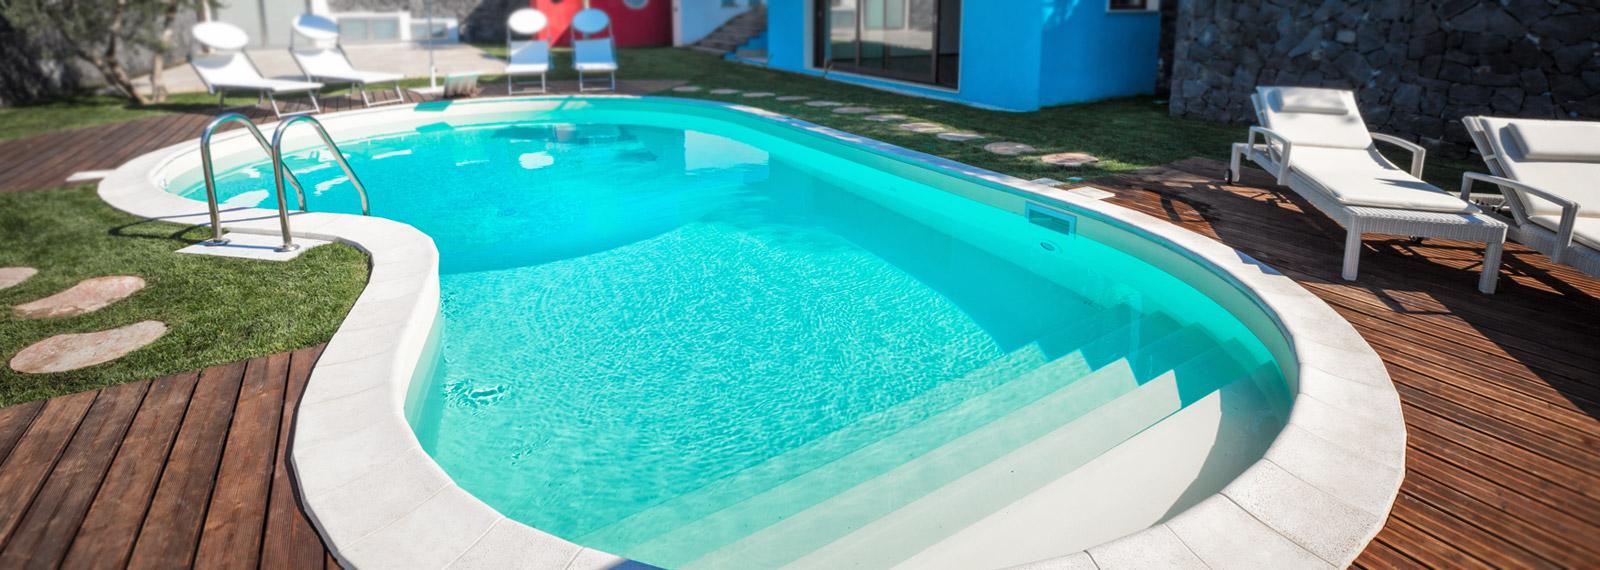 Piscine castiglione costruzione piscine interrate dal 1961 for Costos de piscinas